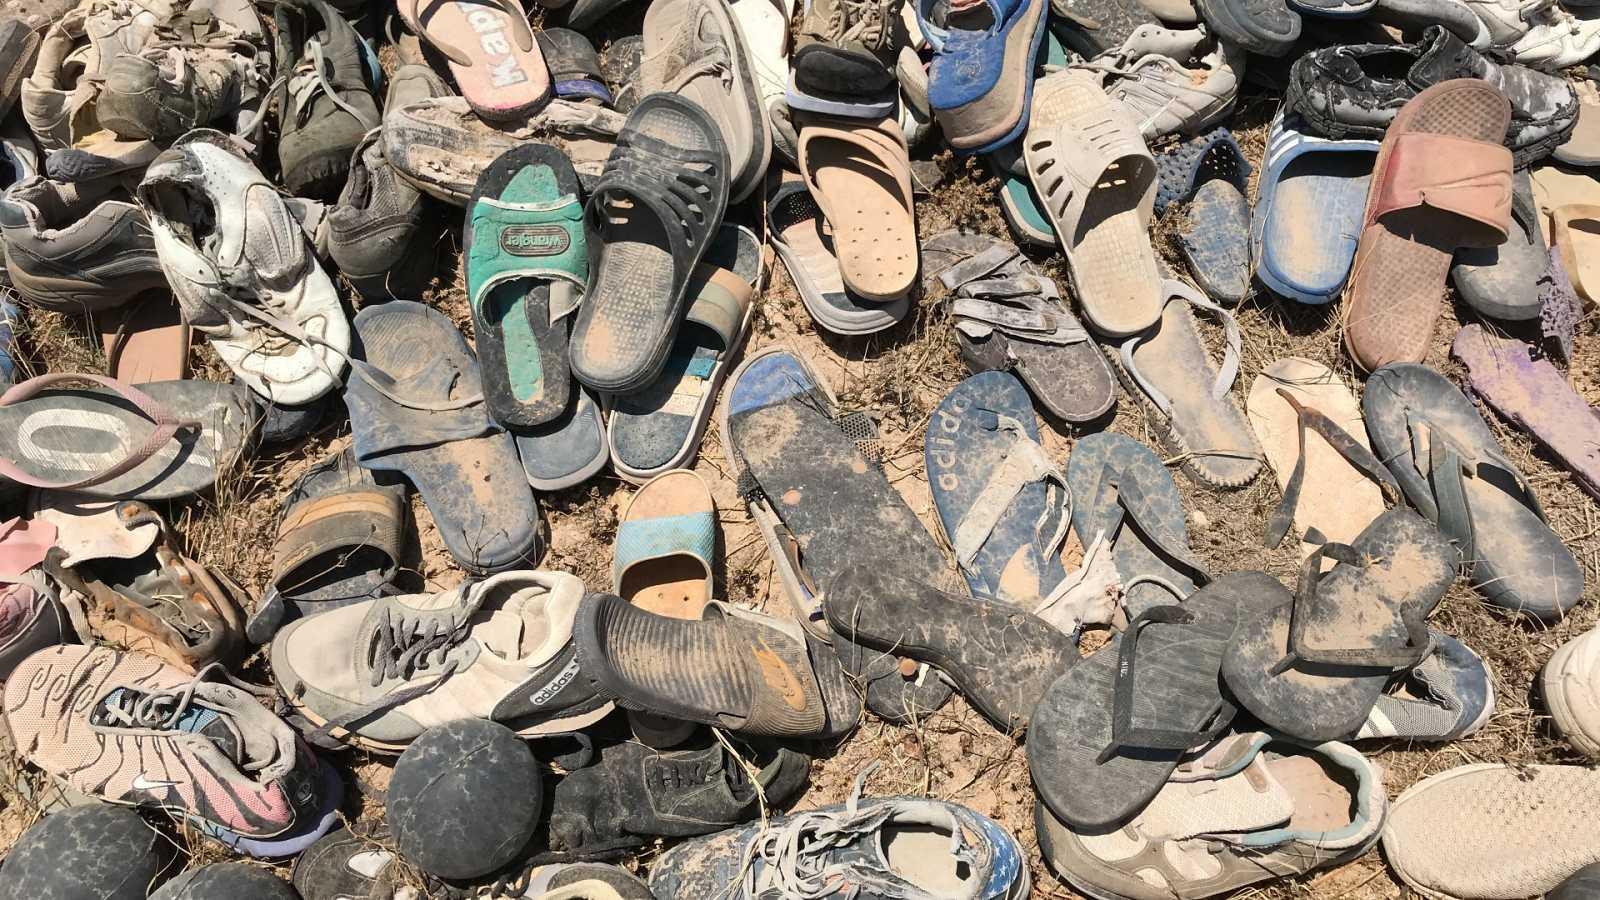 El calzado de las personas migrantes expulsado por el mar